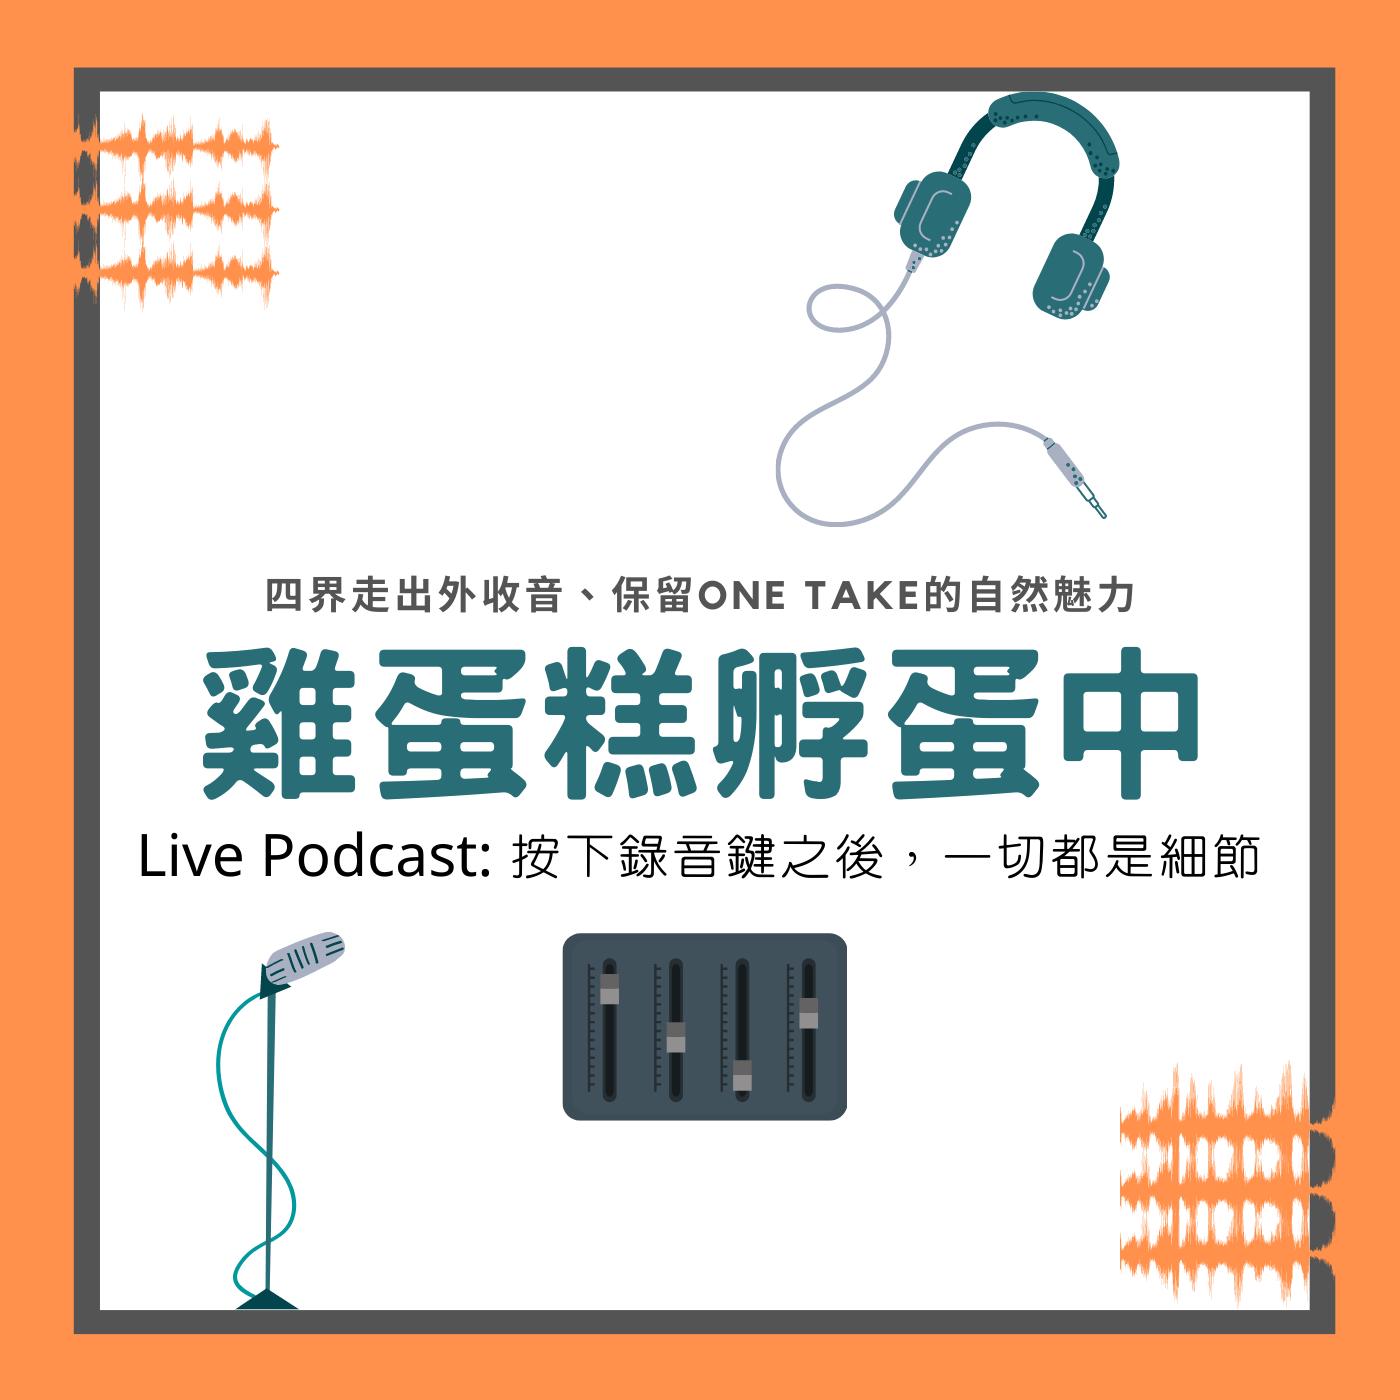 雞蛋糕幕後說:Live Podcast 按下錄音鍵之後,一切都是細節 ft. 這裡胡說 傑西大叔 X 彼岸薄荷 狐叔